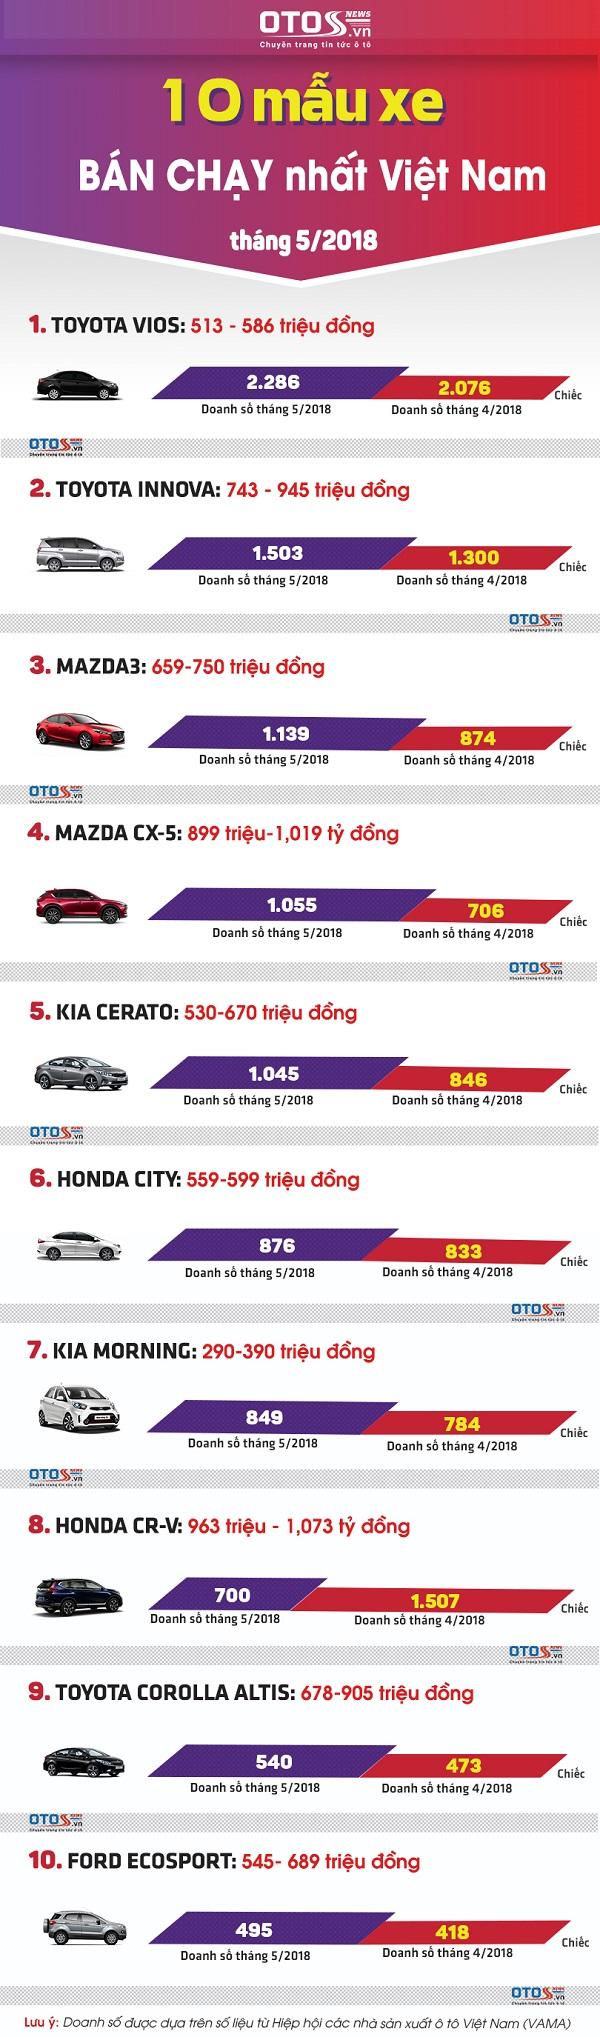 10 mẫu xe bán chạy nhất1